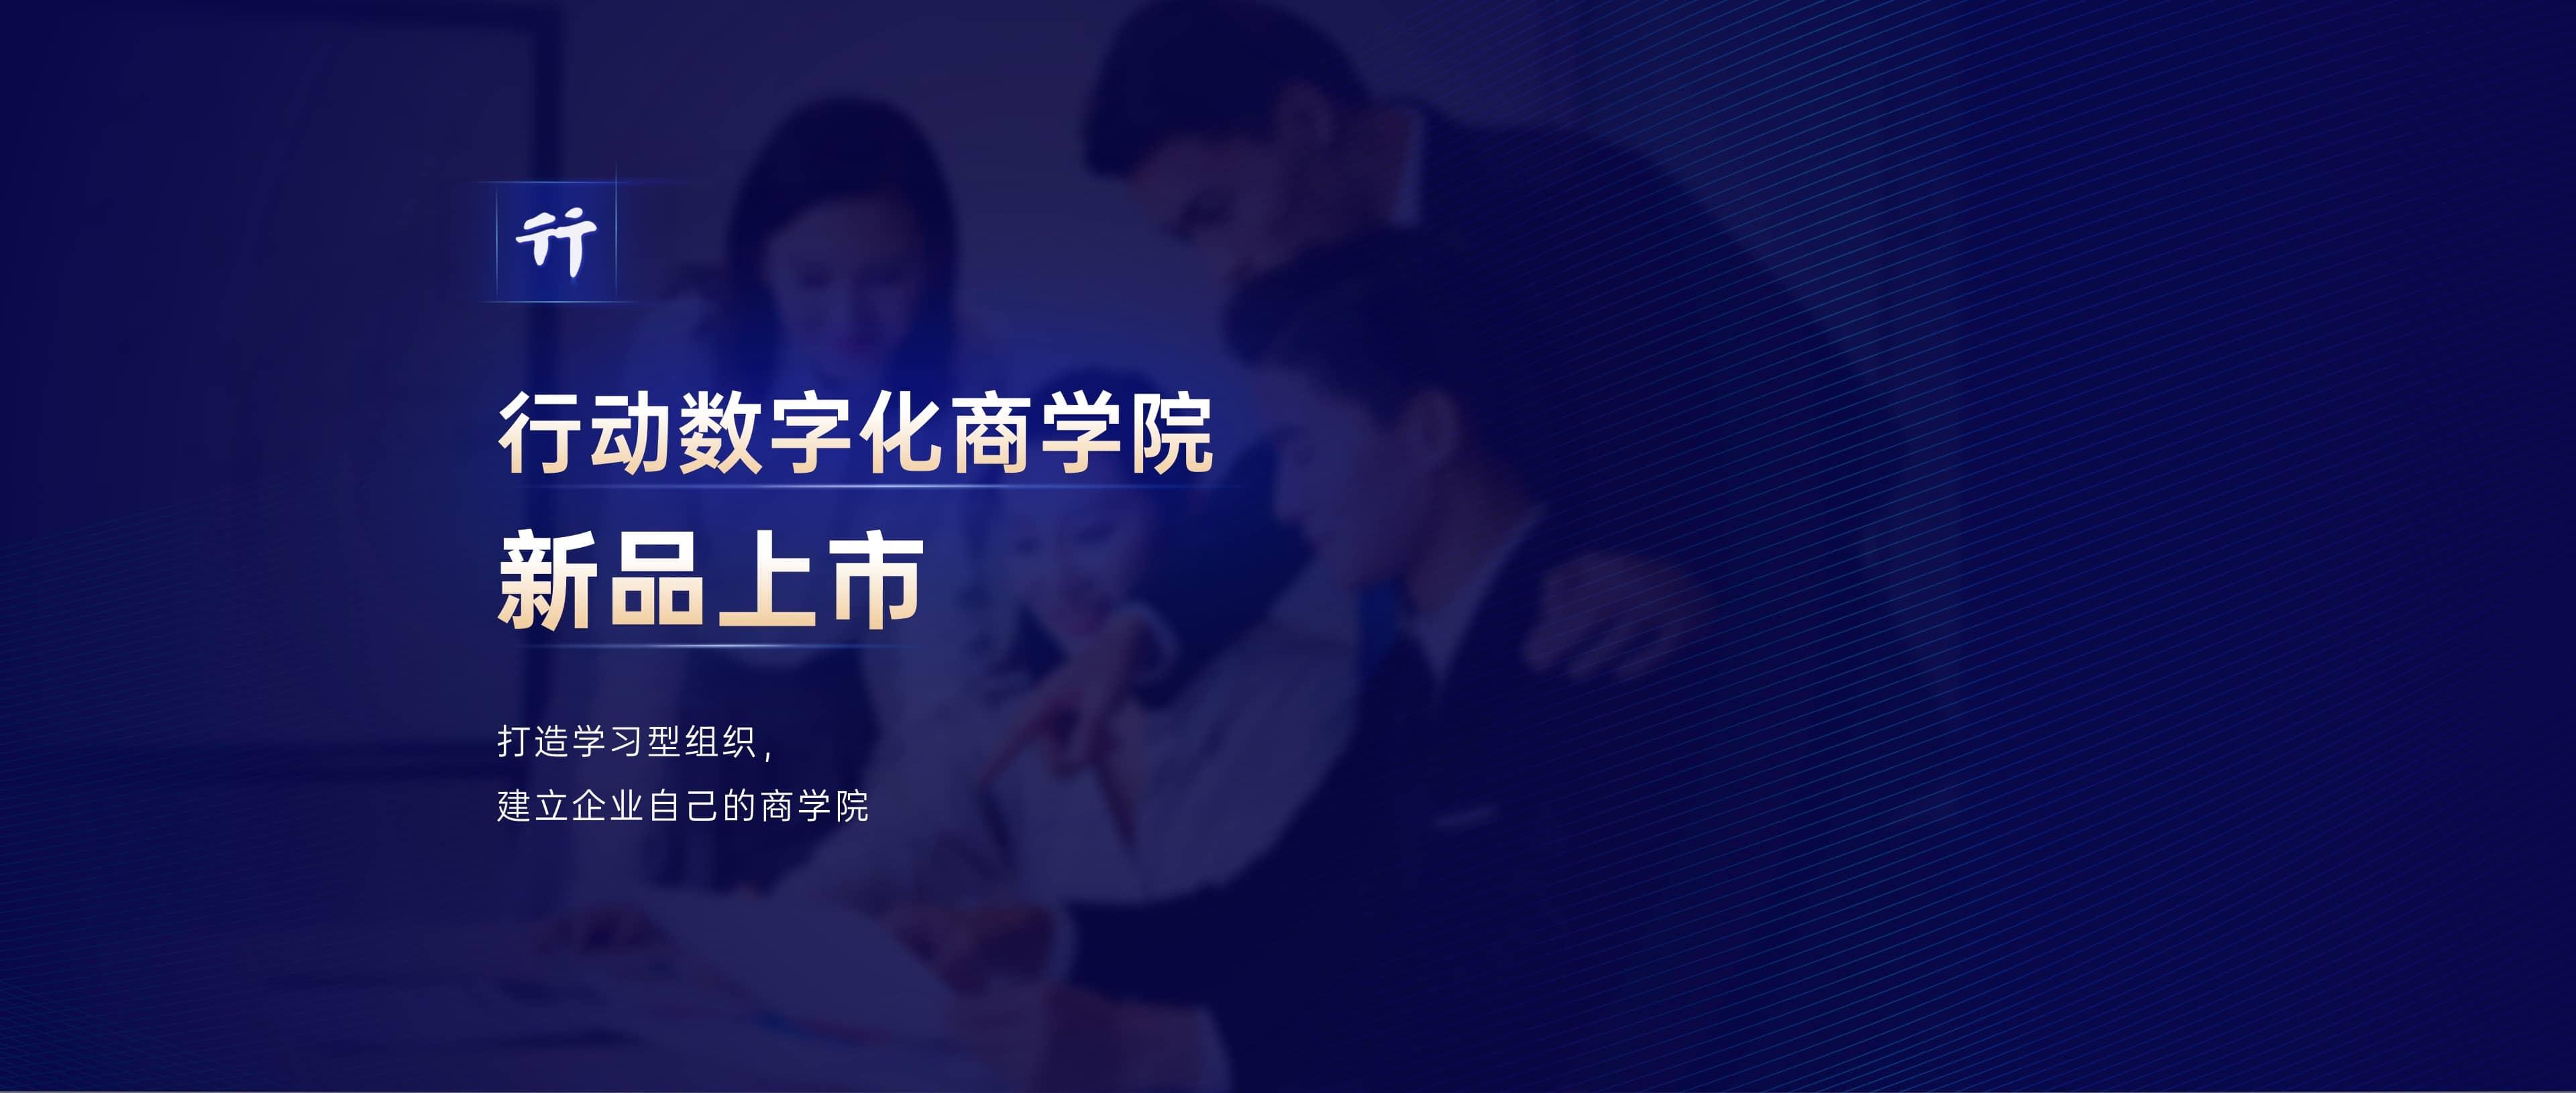 数字化商学院